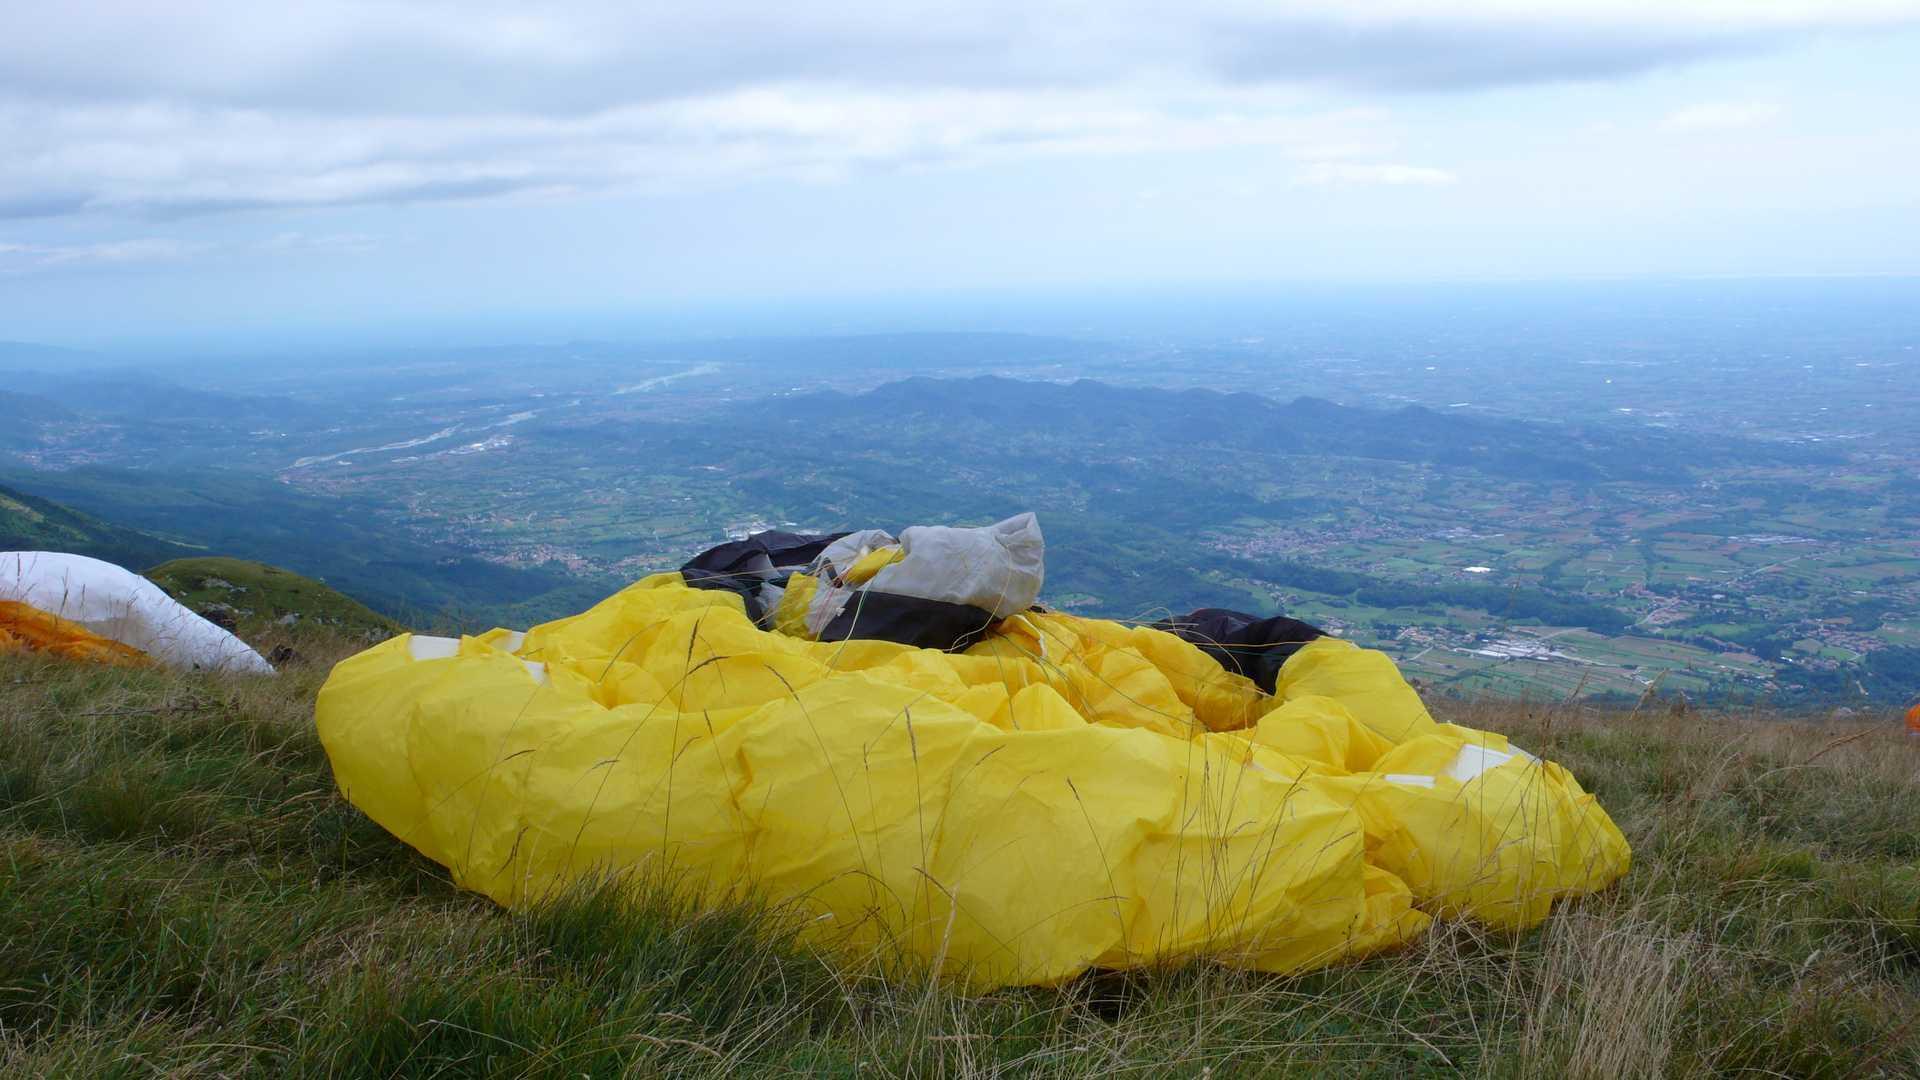 Esperienza in parapendio sulle Colline del Prosecco Valdobbiadene, Monte Grappa in Veneto